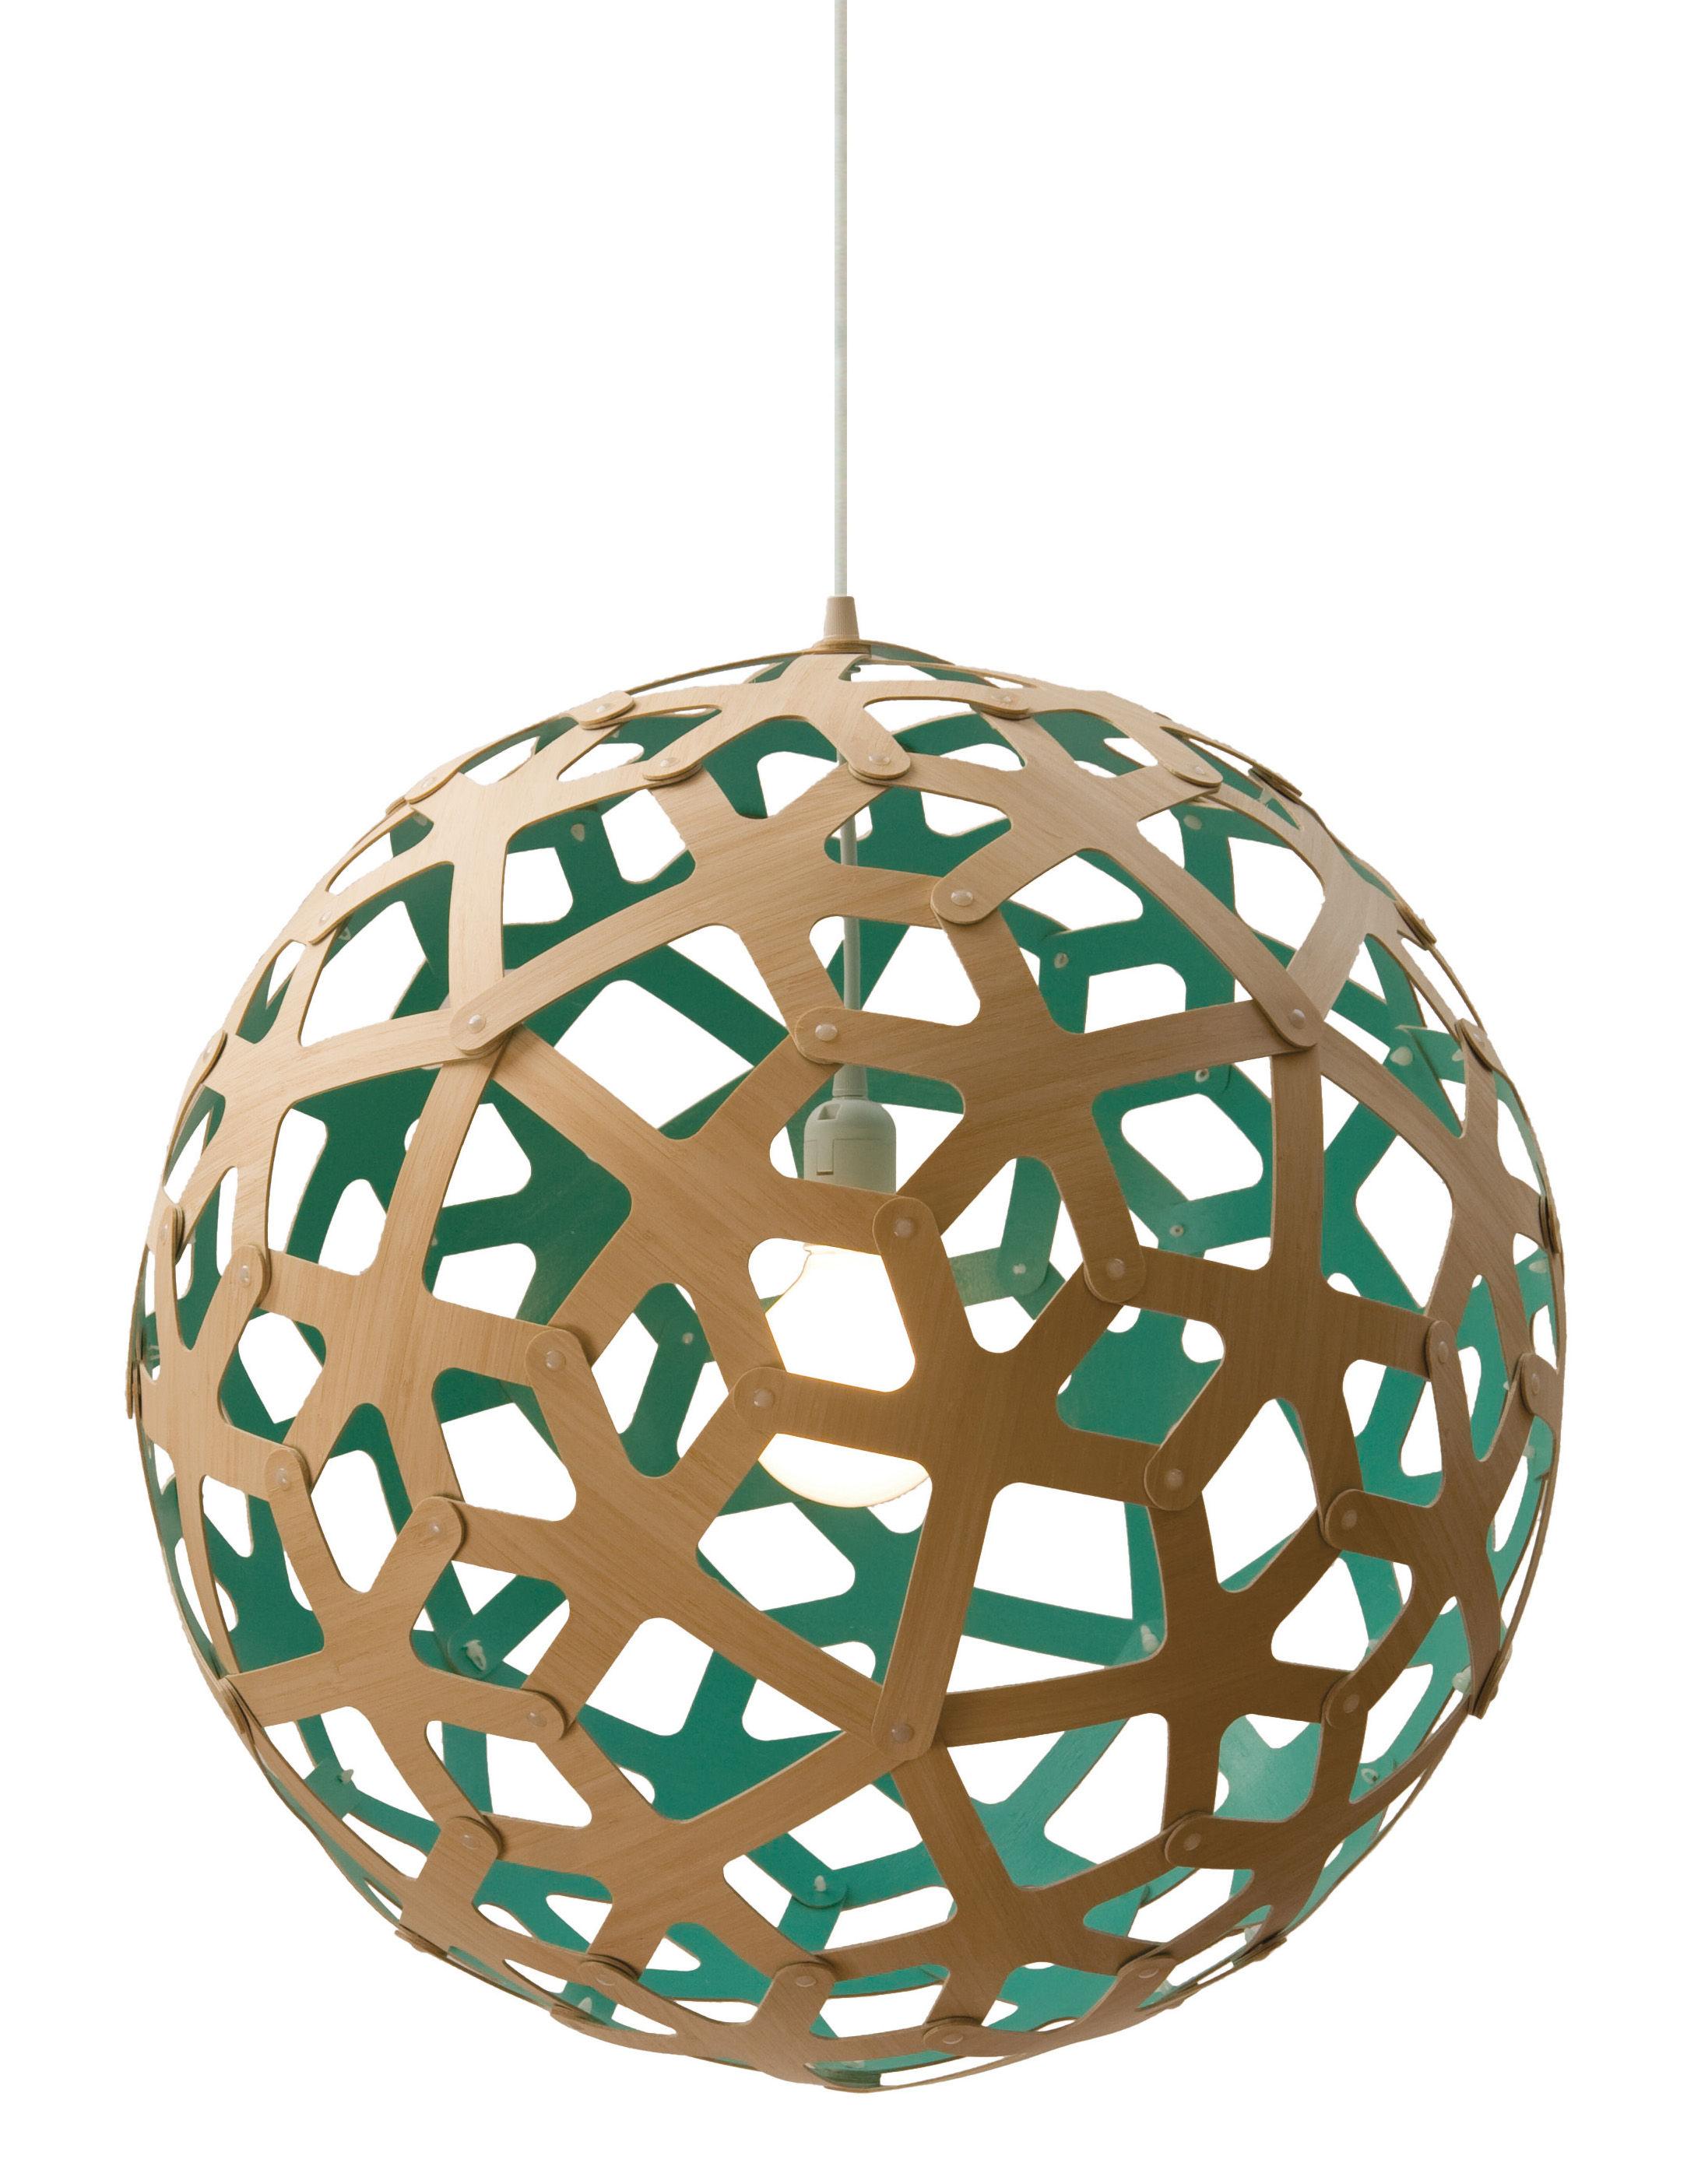 Illuminazione - Lampadari - Sospensione Coral - Ø 40 cm - Bicolore - Esclusiva di David Trubridge - Verde acqua / legno naturale - Pino